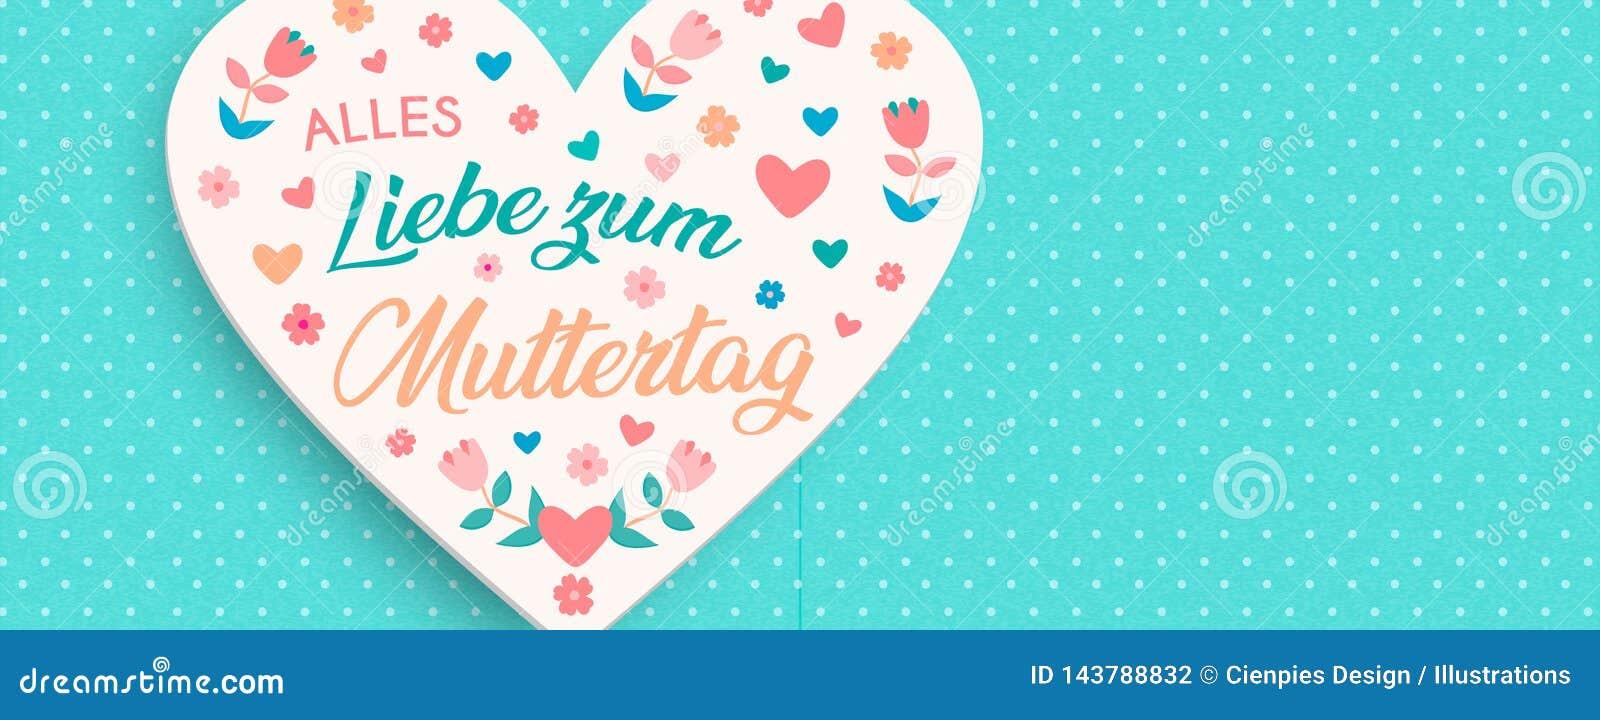 妈妈爱的德国母亲节花卉卡片